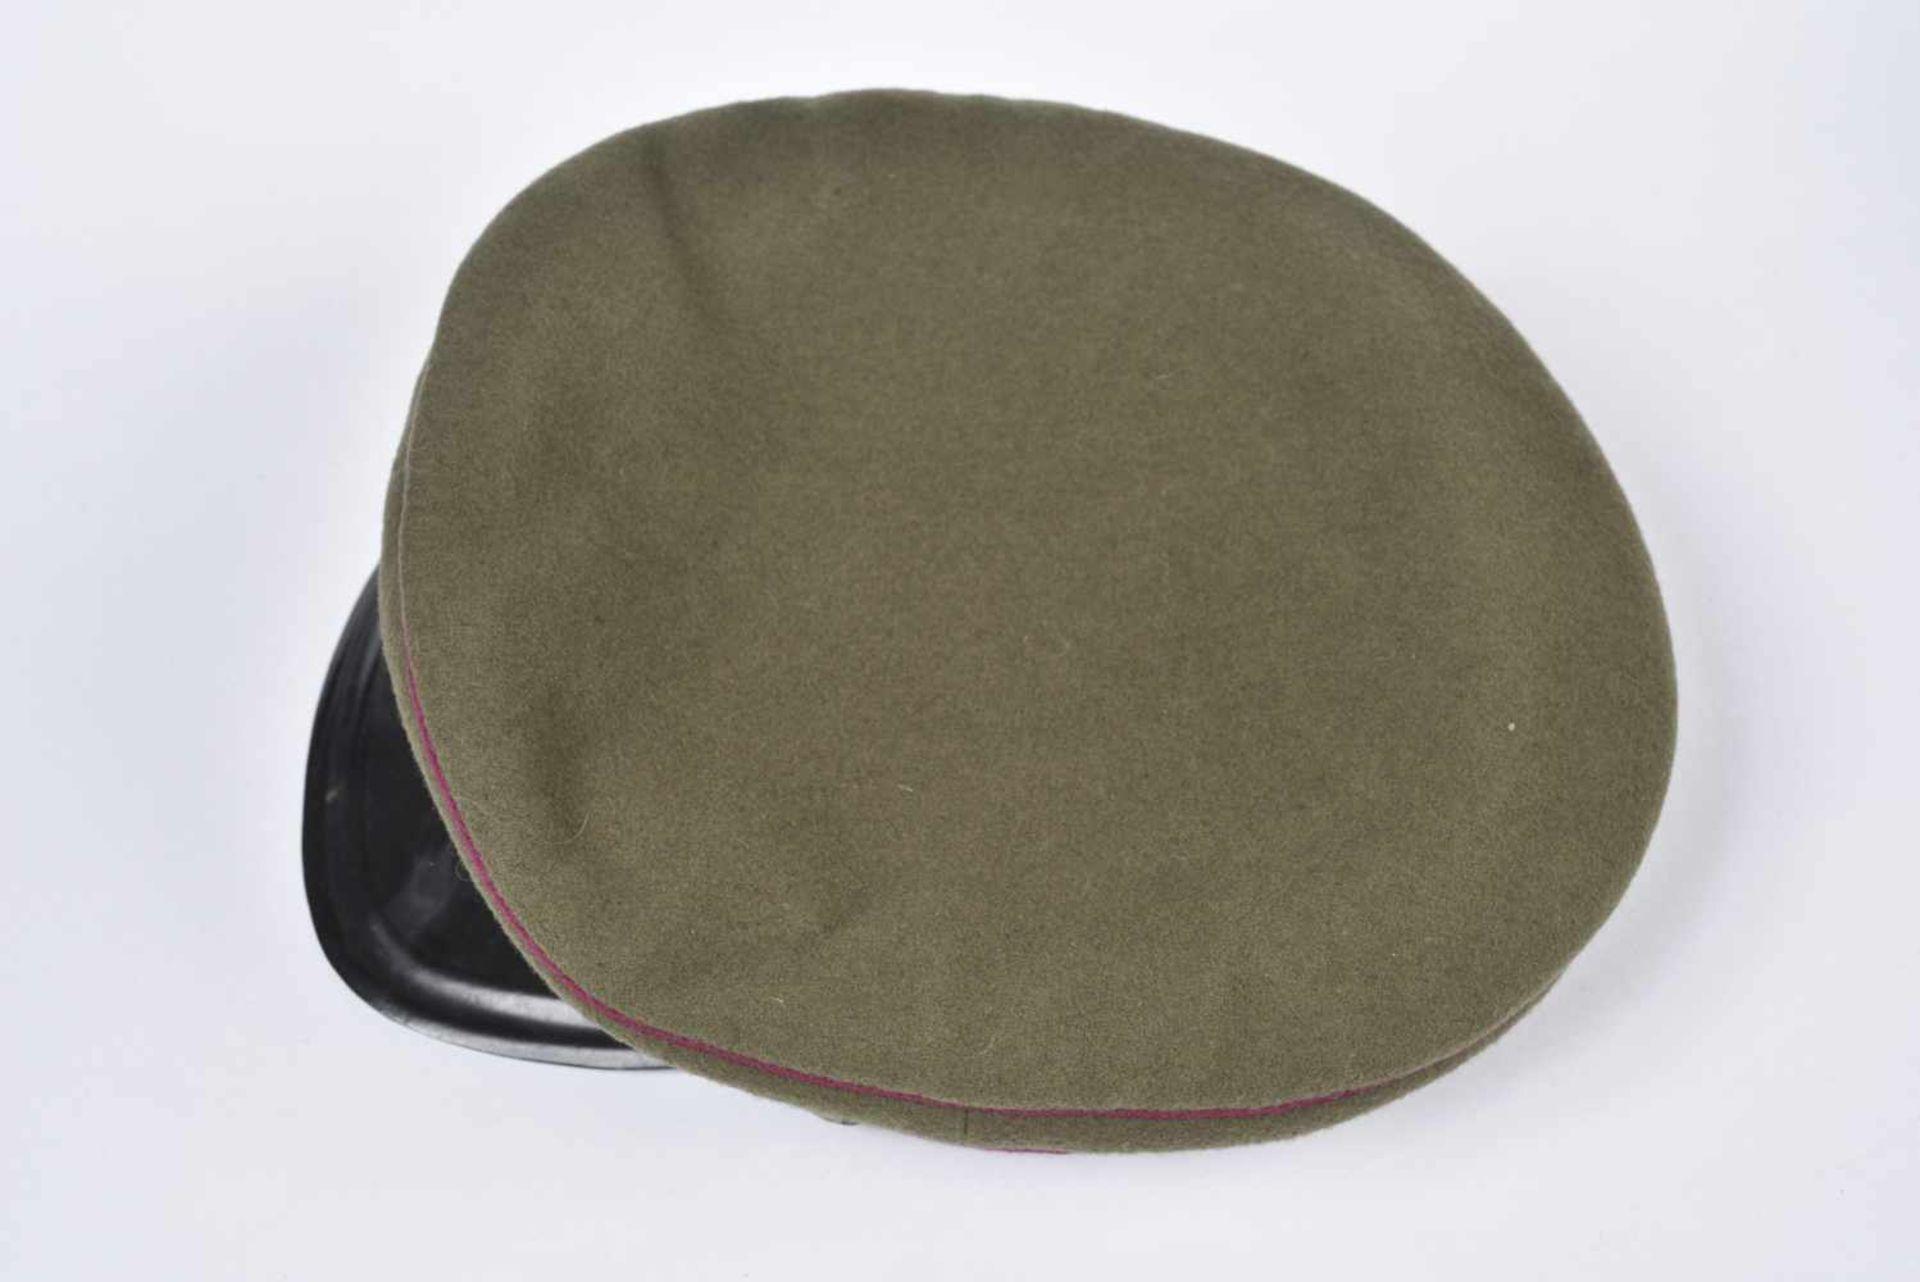 Casquette M.35 Infanterie bandeau et passepoil framboise, taille 57, coiffe souple, datée 1946. M.35 - Bild 4 aus 4